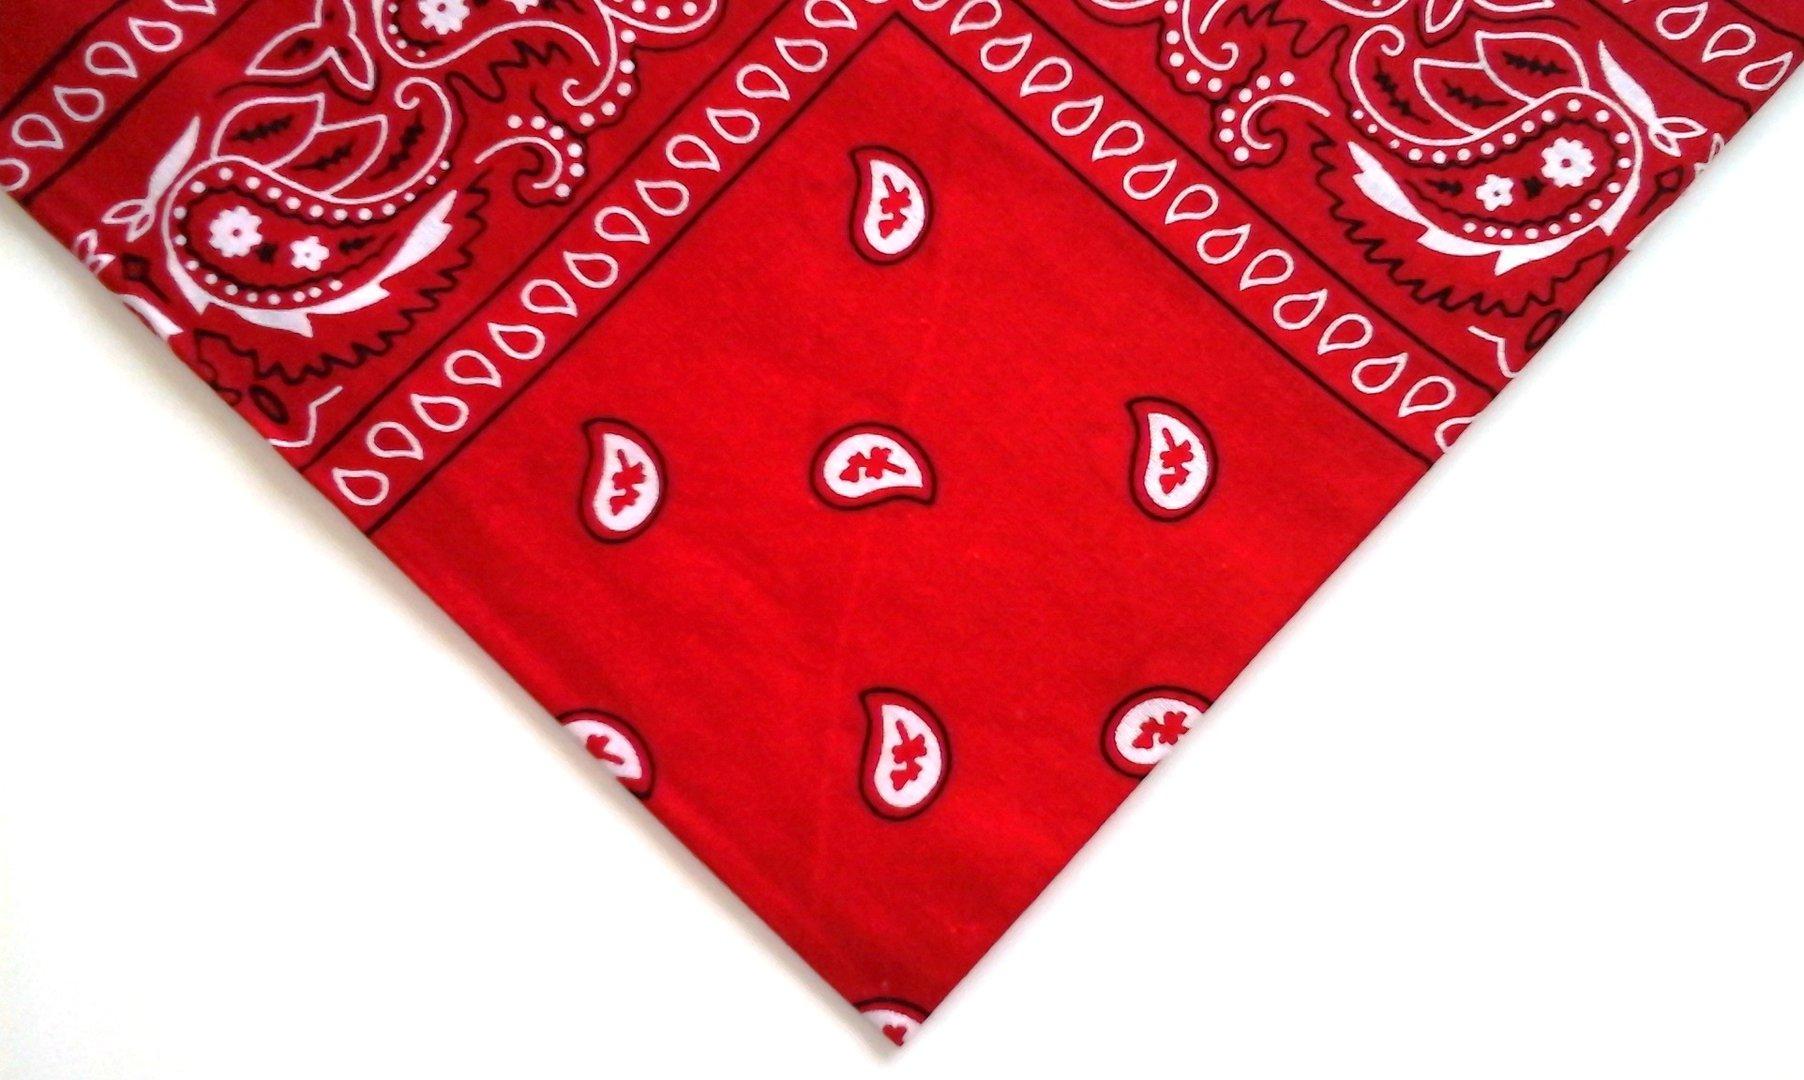 Punainen bandana - Huivikauppa.com 8d57cd31f7